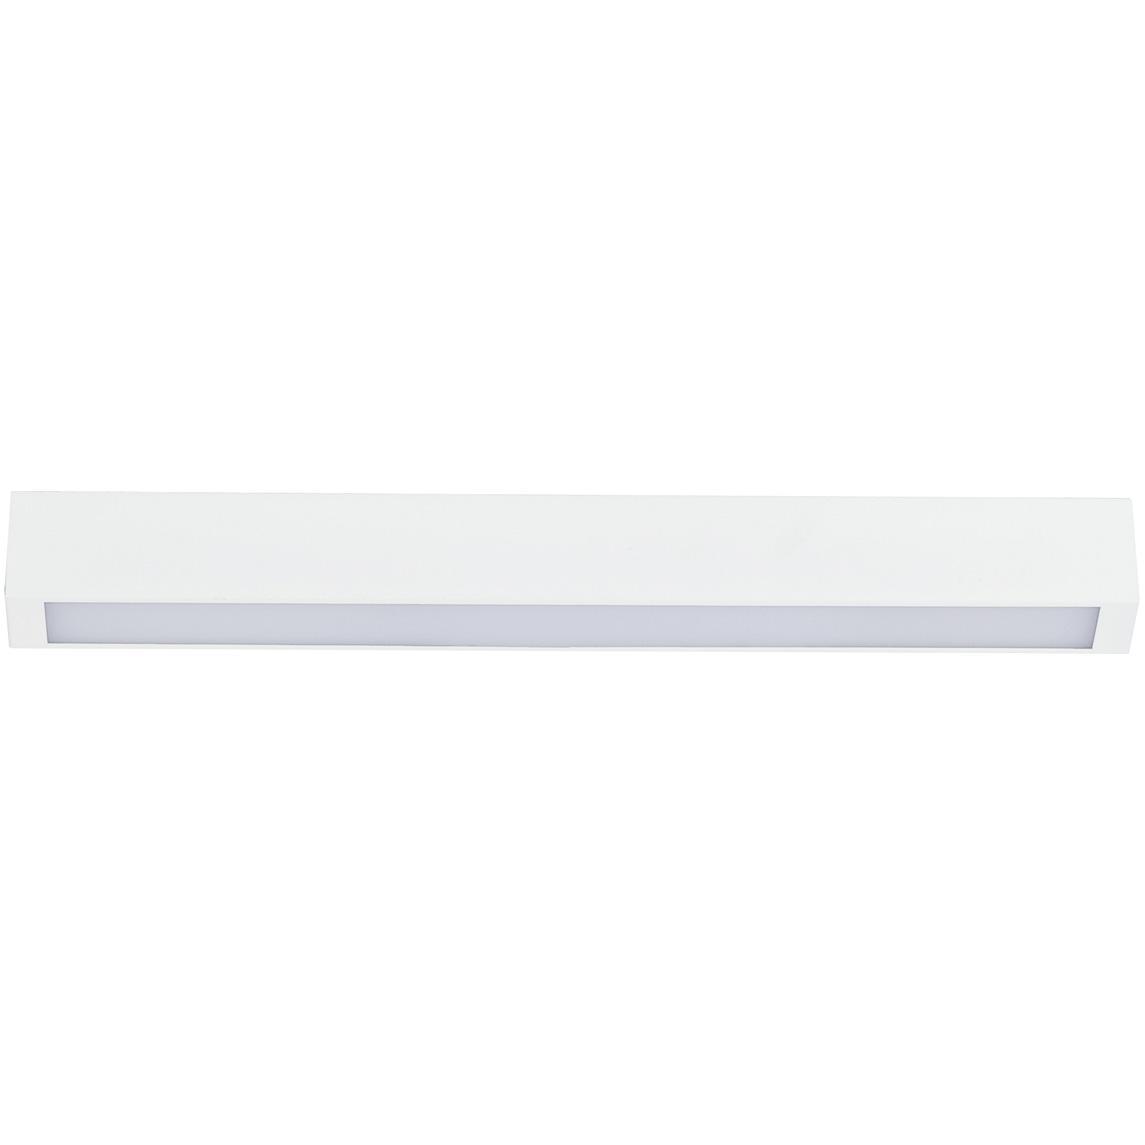 Потолочный светодиодный светильник Nowodvorski Straight 9620 nowodvorski потолочный светильник nowodvorski straight led white seiling s 9620